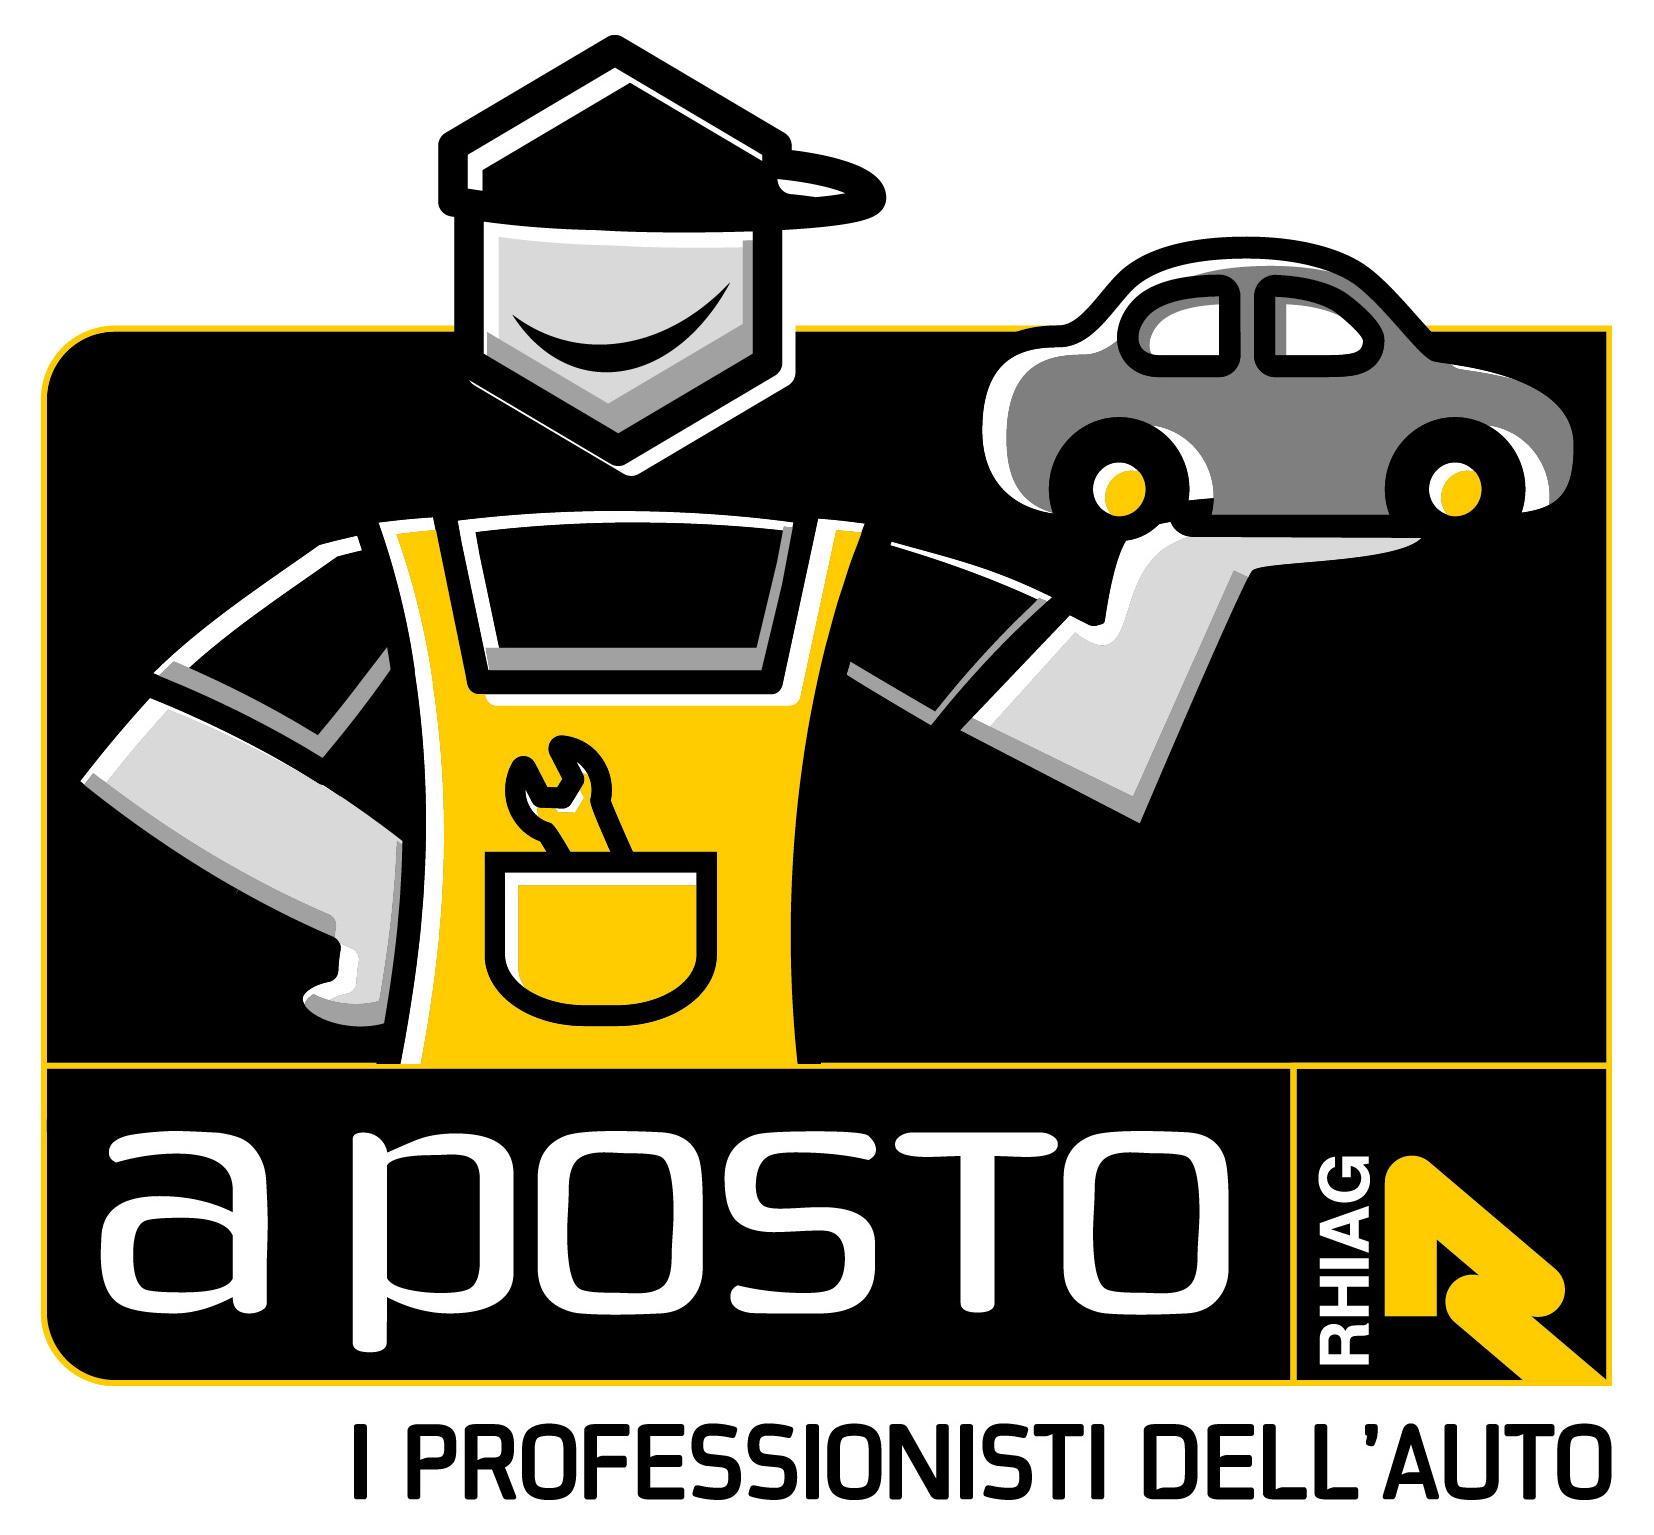 Una nuova identit per a posto rhiag notiziario for Posto auto coperto con officina annessa